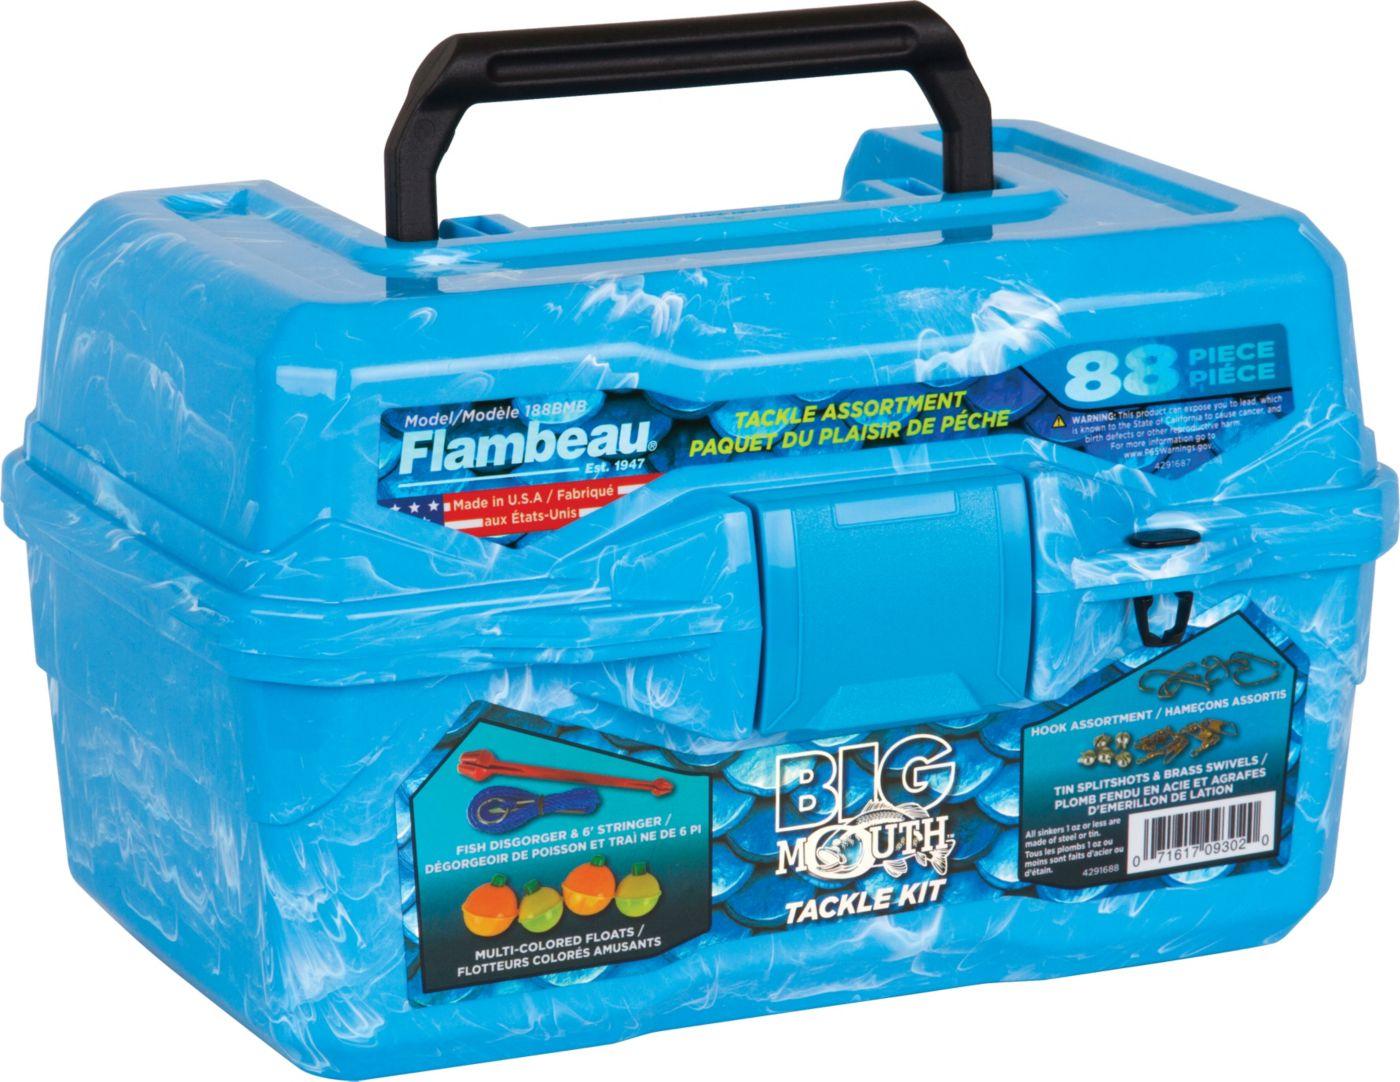 Flambeau Big Mouth 88-Piece Tackle Kit